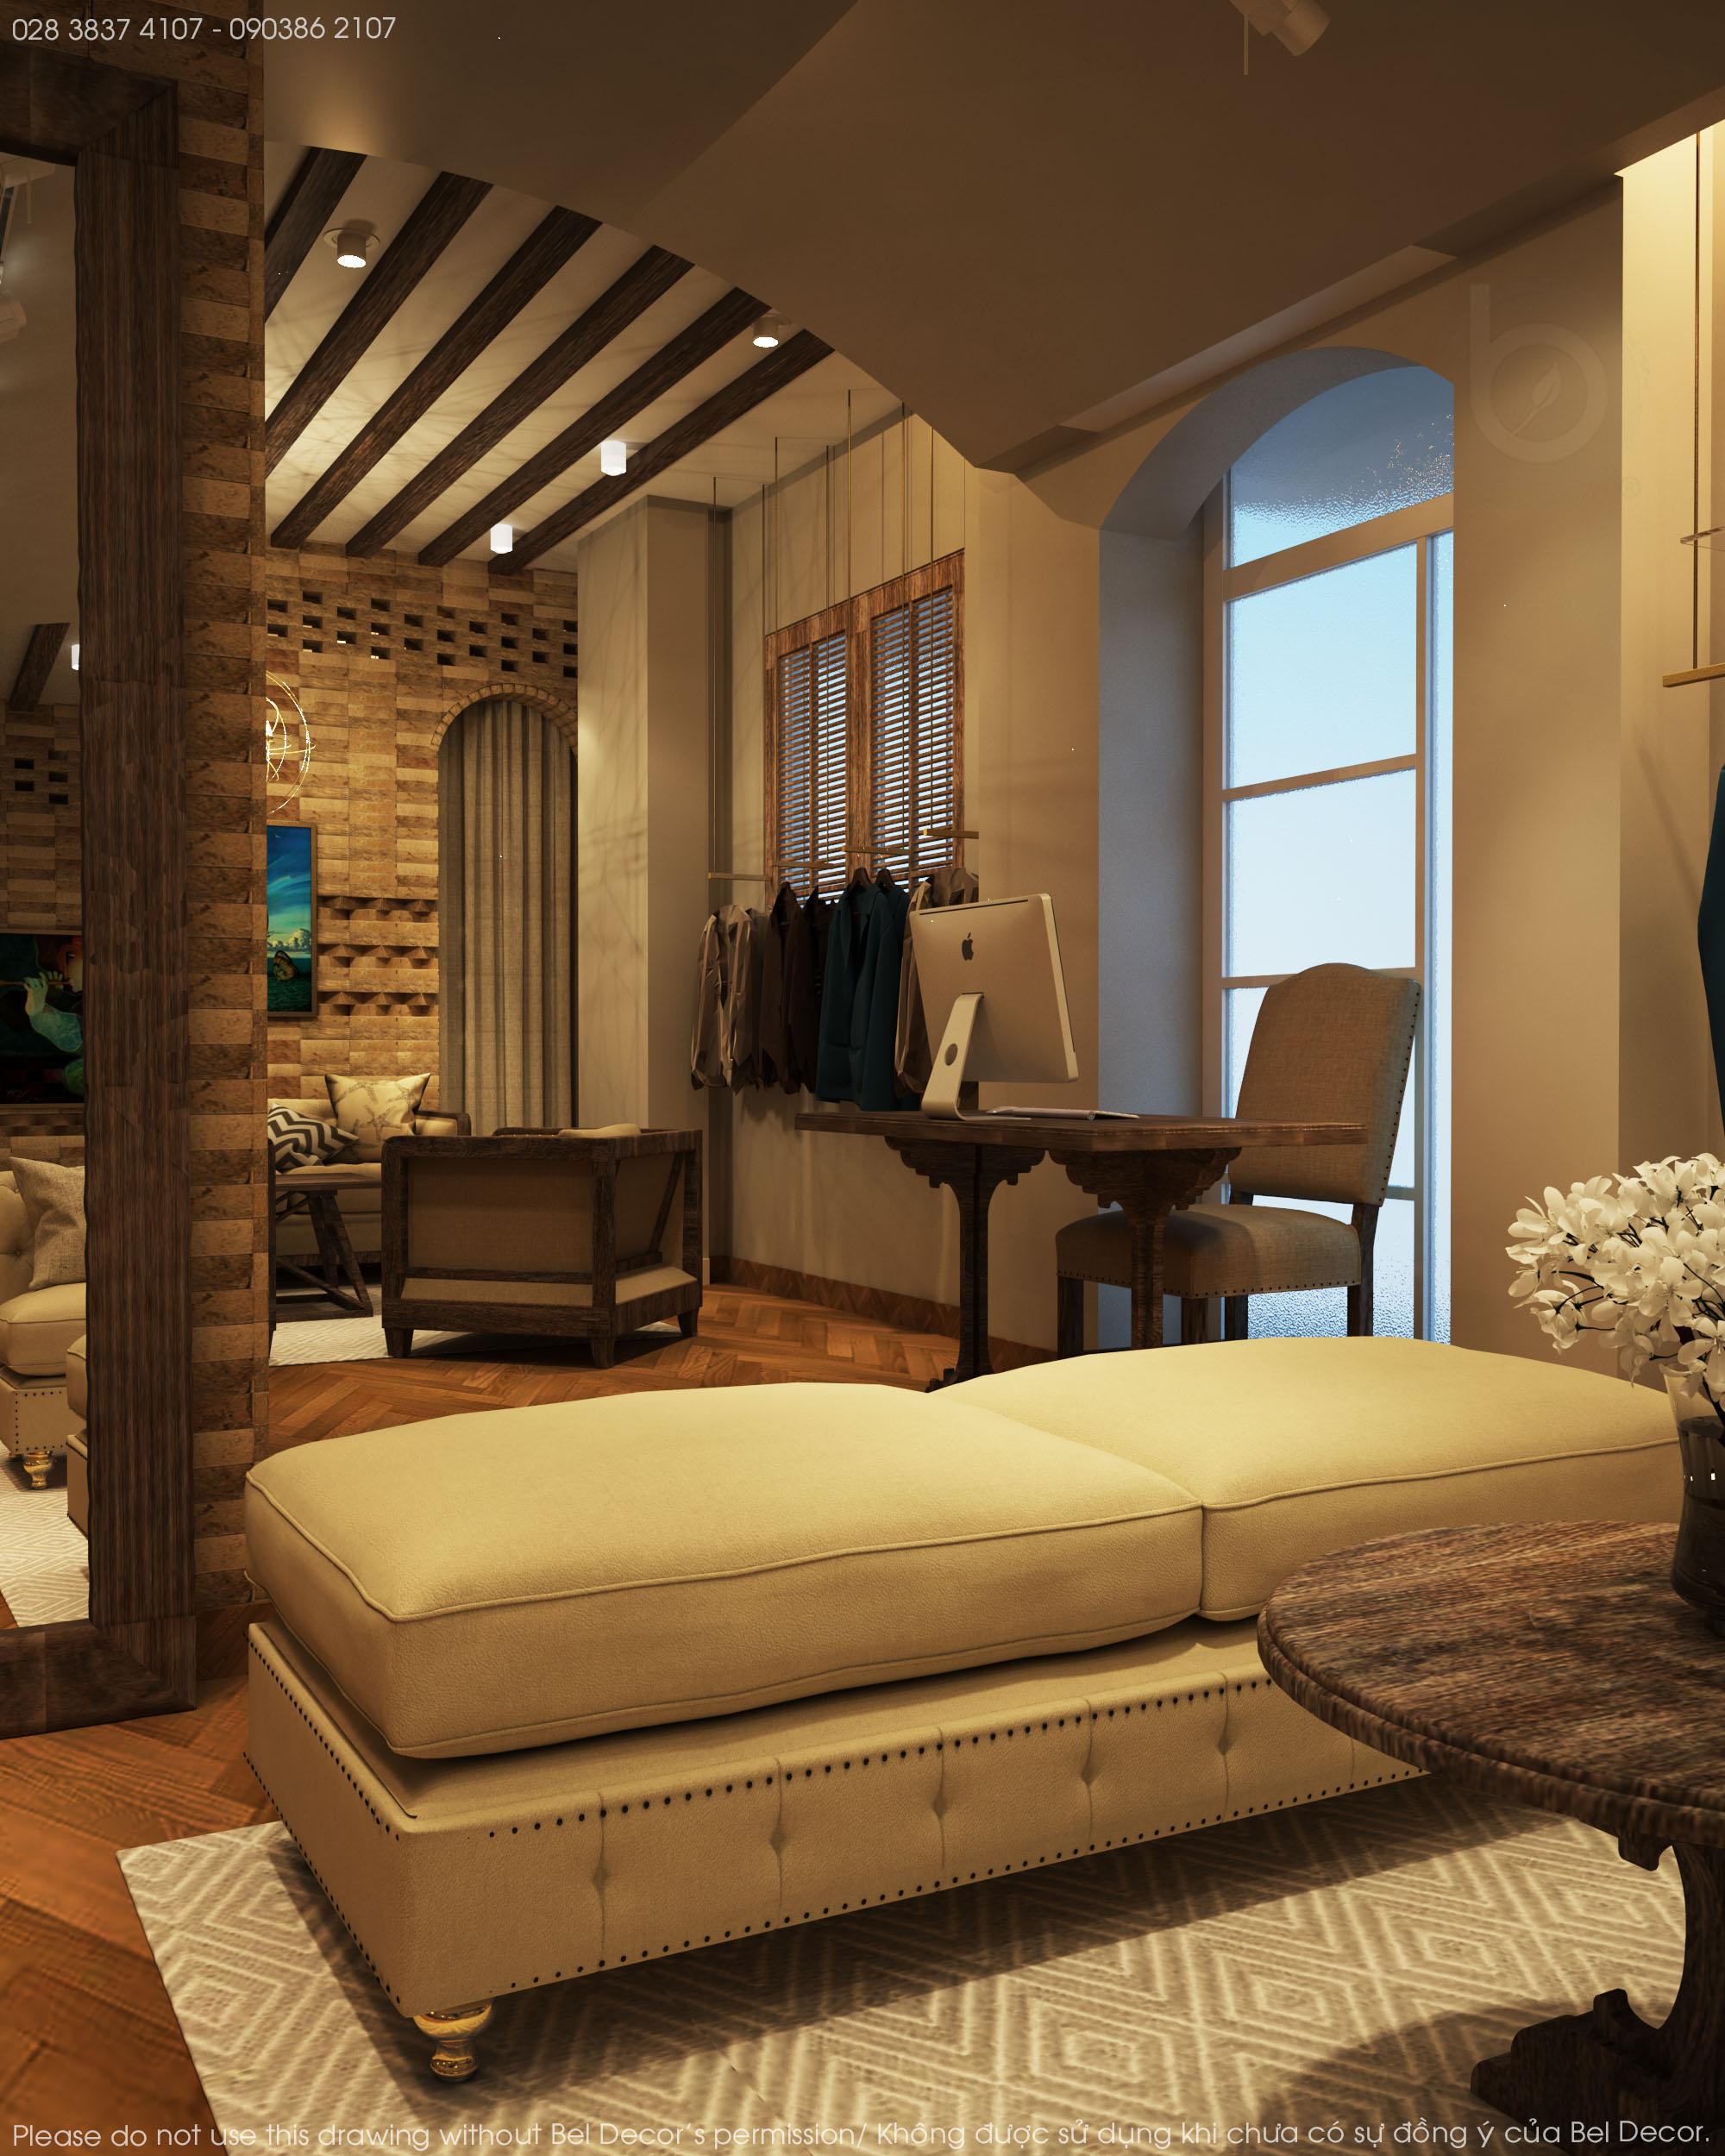 thiết kế nội thất Shop tại Hồ Chí Minh Thiết kế nội - ngoại thất Fashion Shop Antonio 9 1537428720